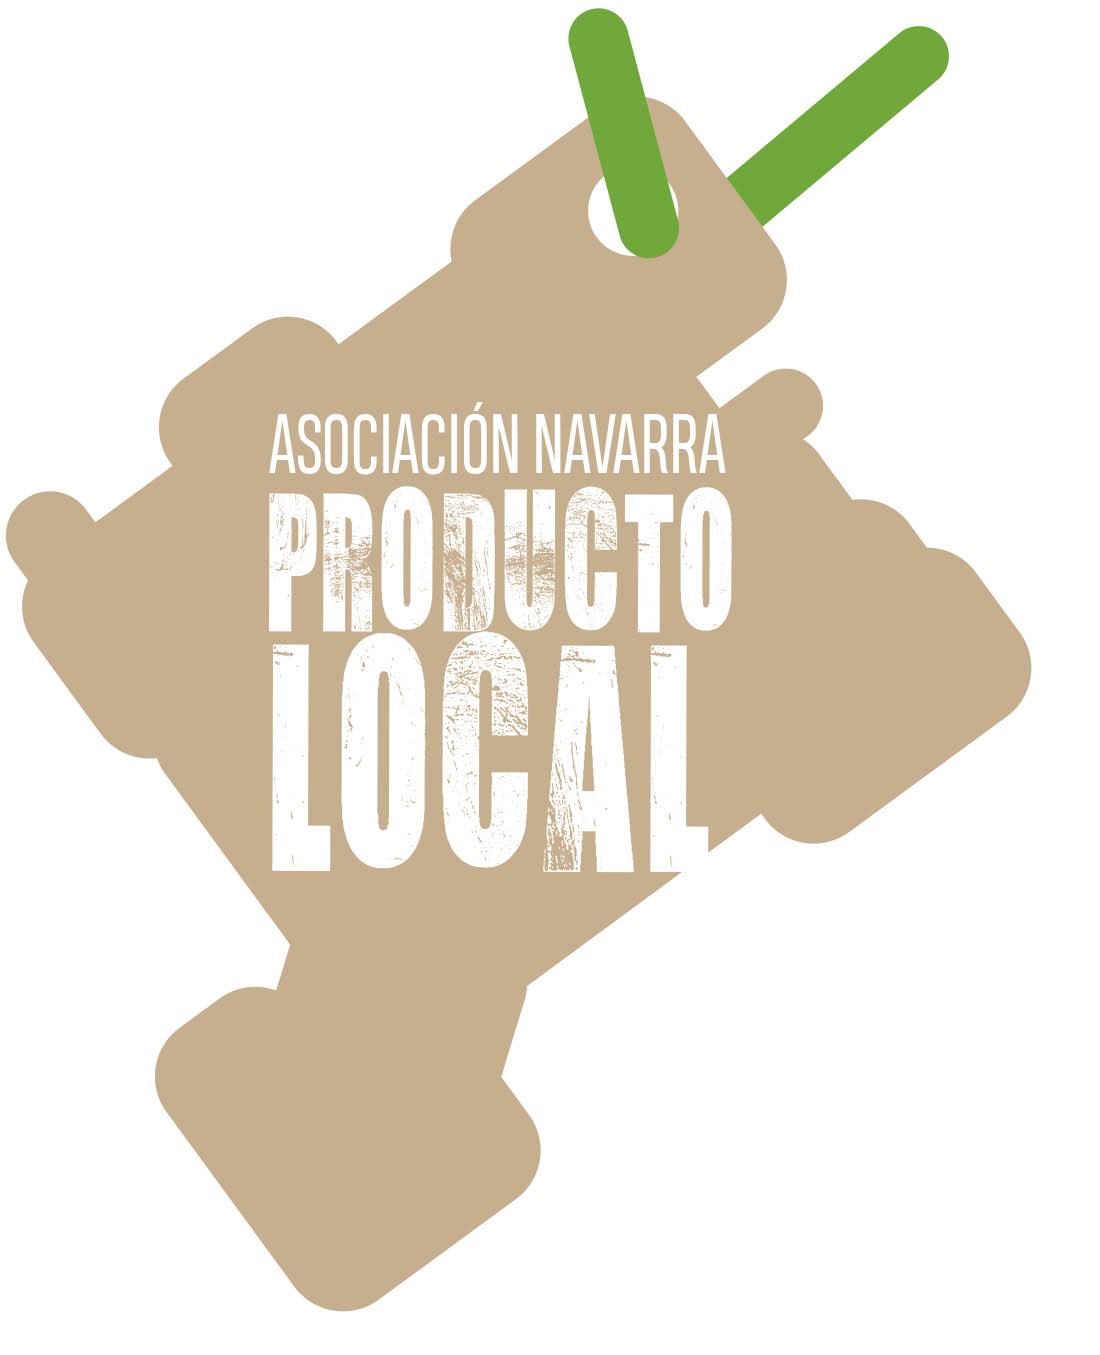 Logotipo de la Asociación Navarra Producto Local